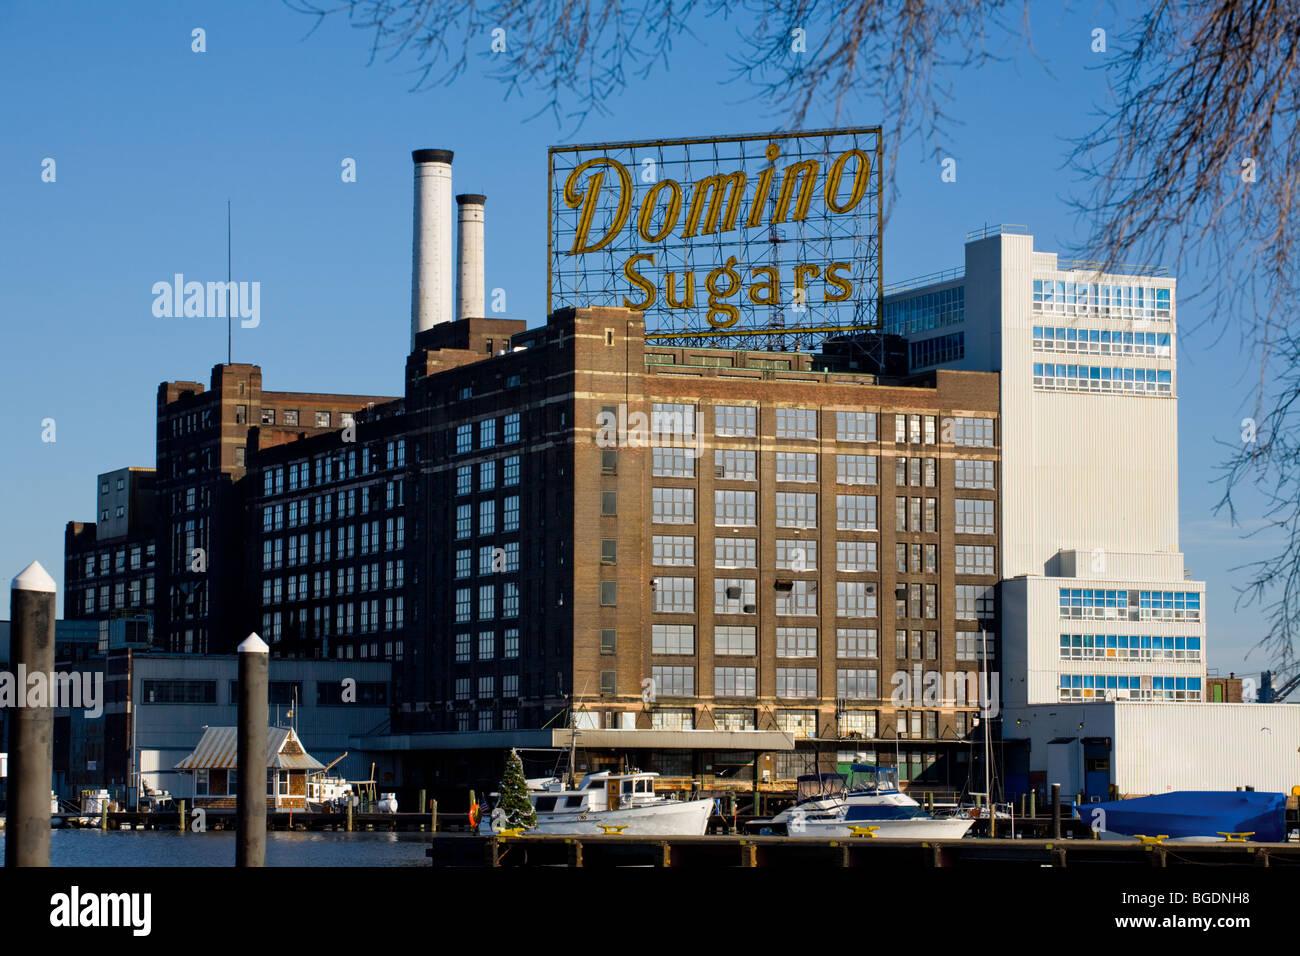 Domino fabbrica di zucchero Baltimore, Maryland, porto interno Immagini Stock